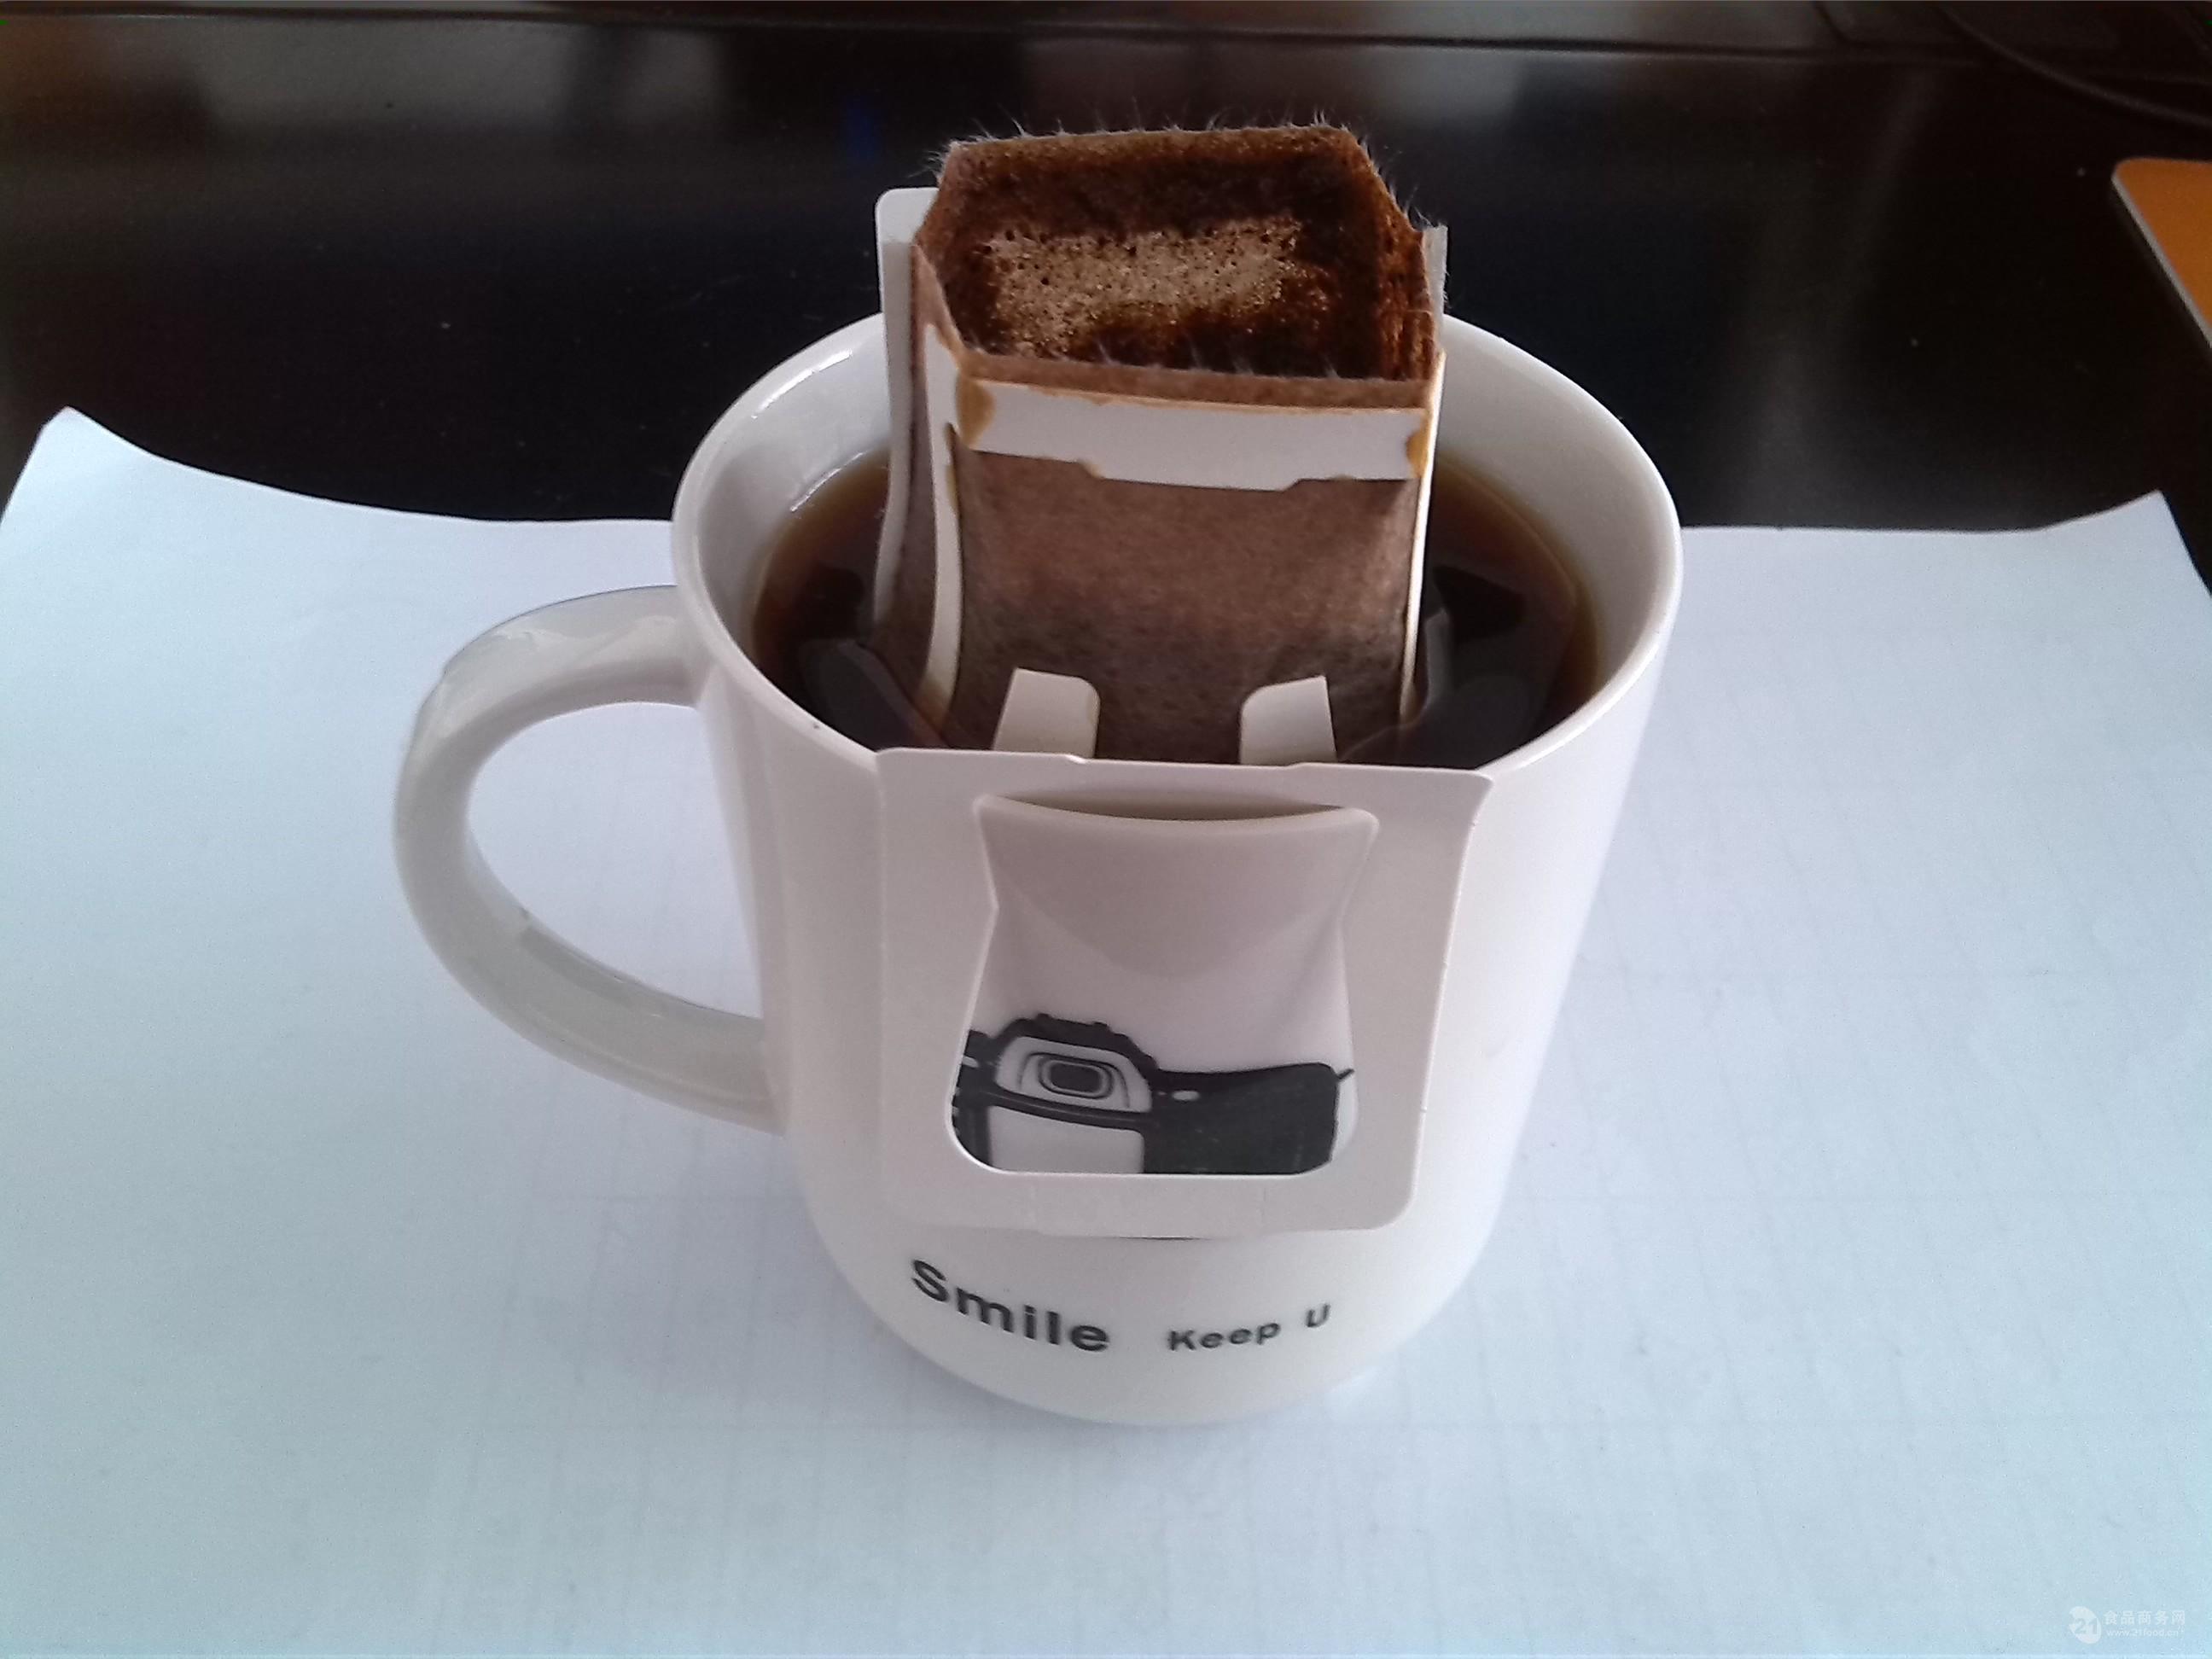 全自动挂耳咖啡包装机 挂耳咖啡包装机 耳挂式咖啡包装机